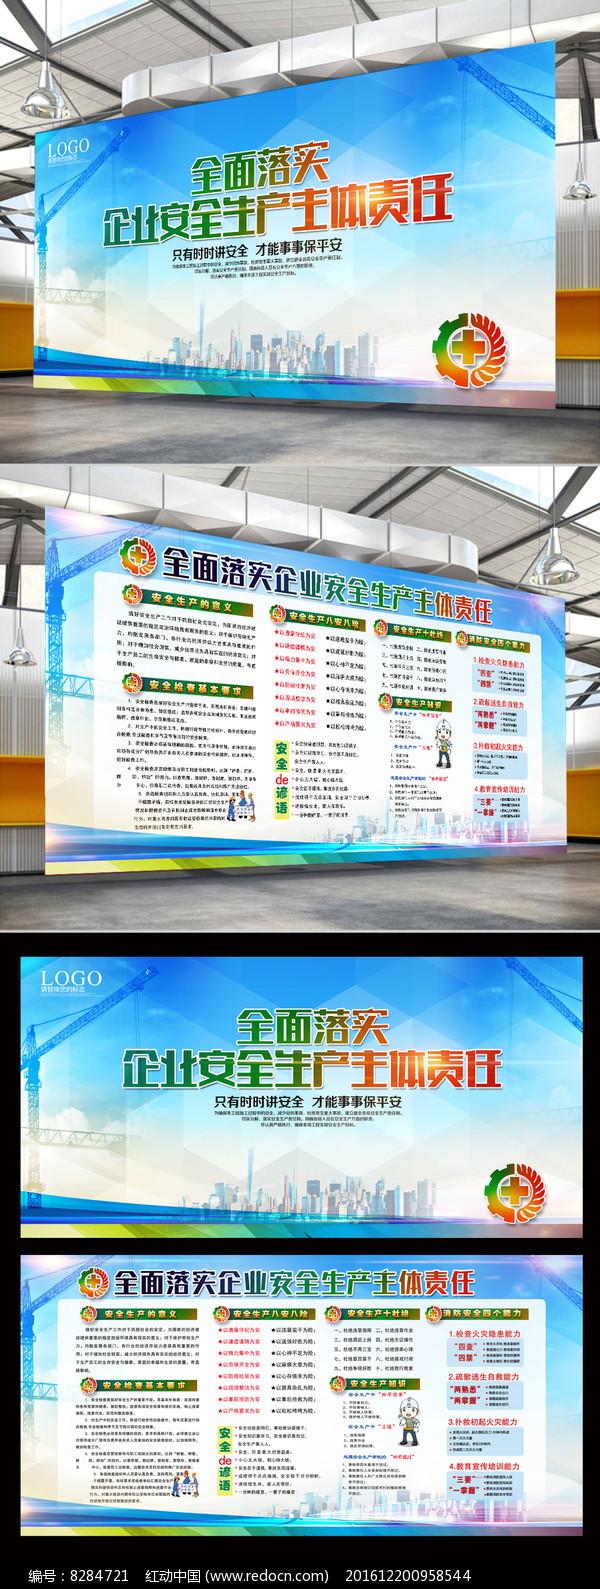 2017安全生产月宣传画安全发展展板图片